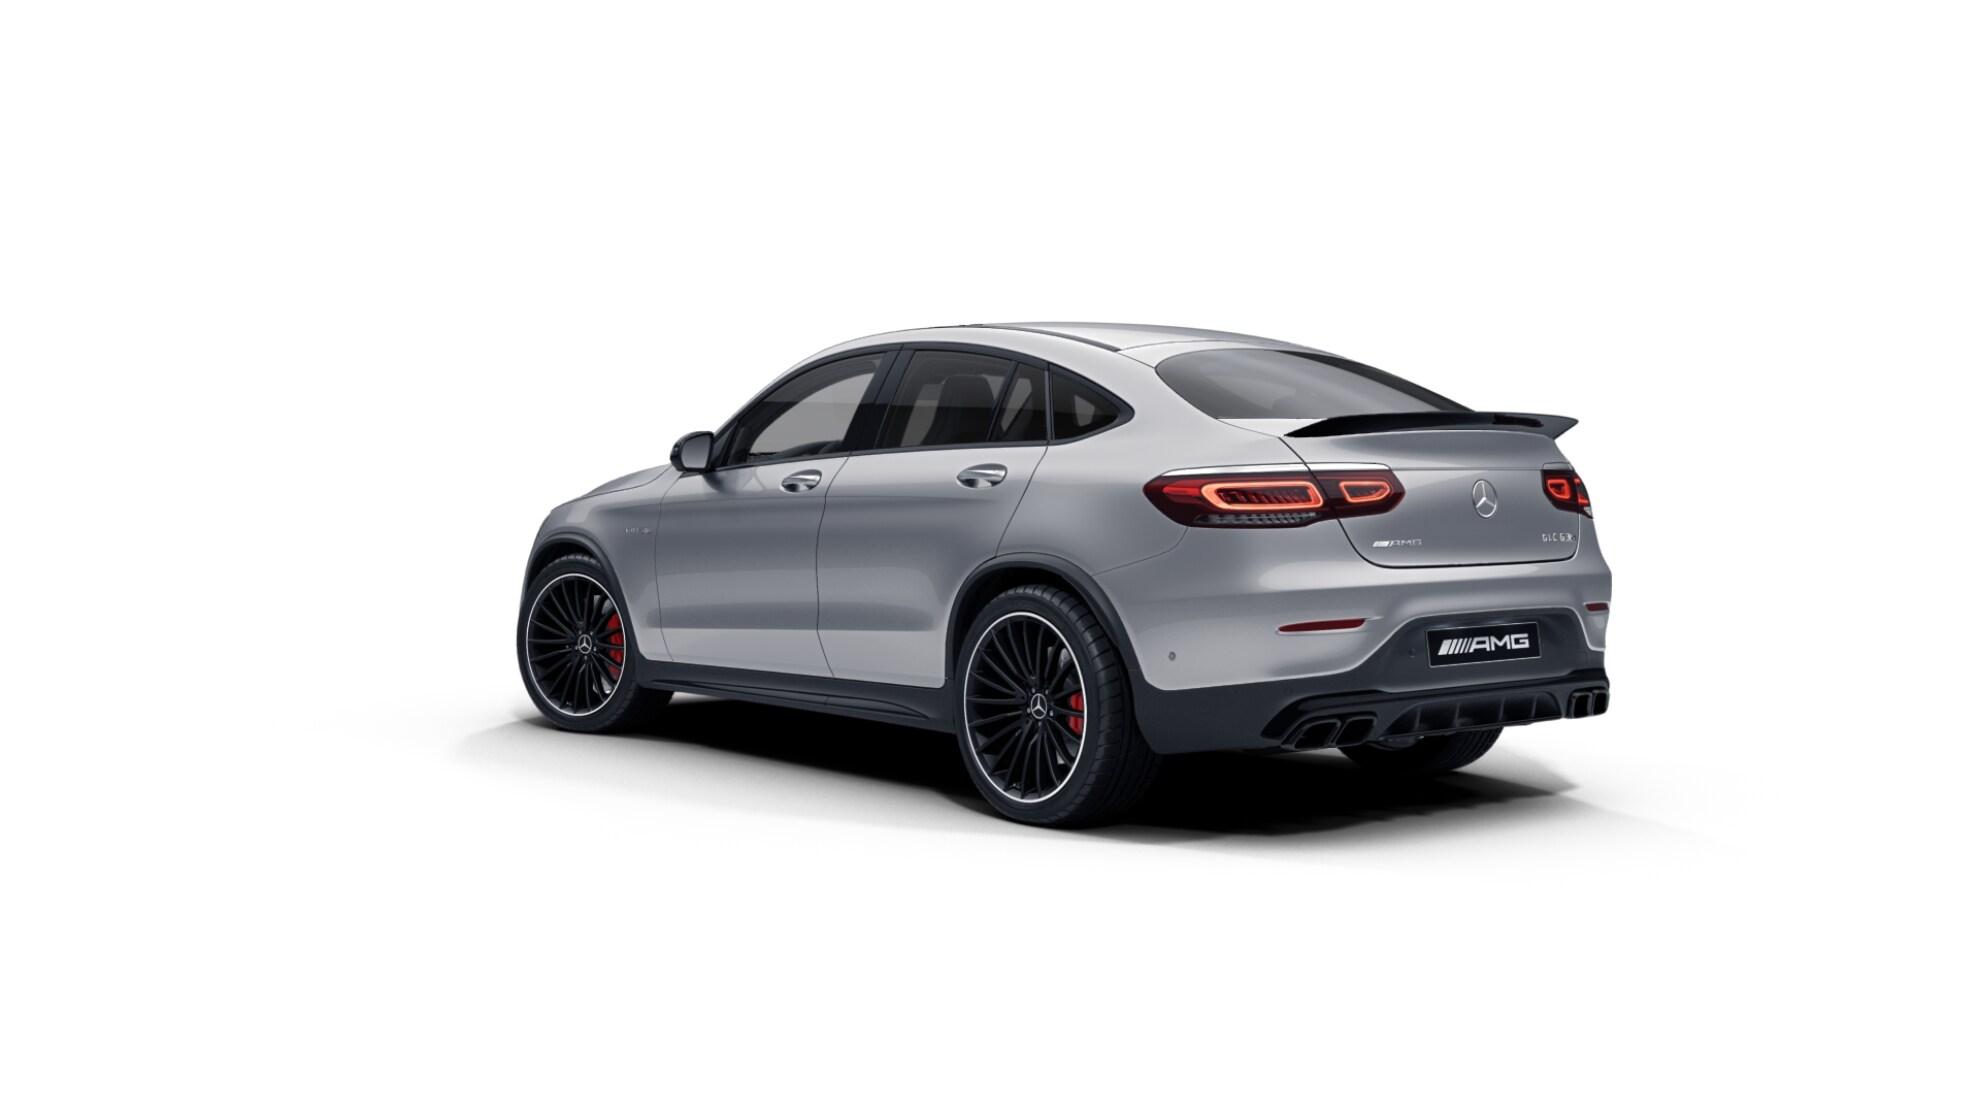 Mercedes GLC Coupé 63 S AMG 4matic   nové auto ve výrobě    nejvýkonnější V8 benzin 510 koní   super výbava   skvělá cena   nákup online